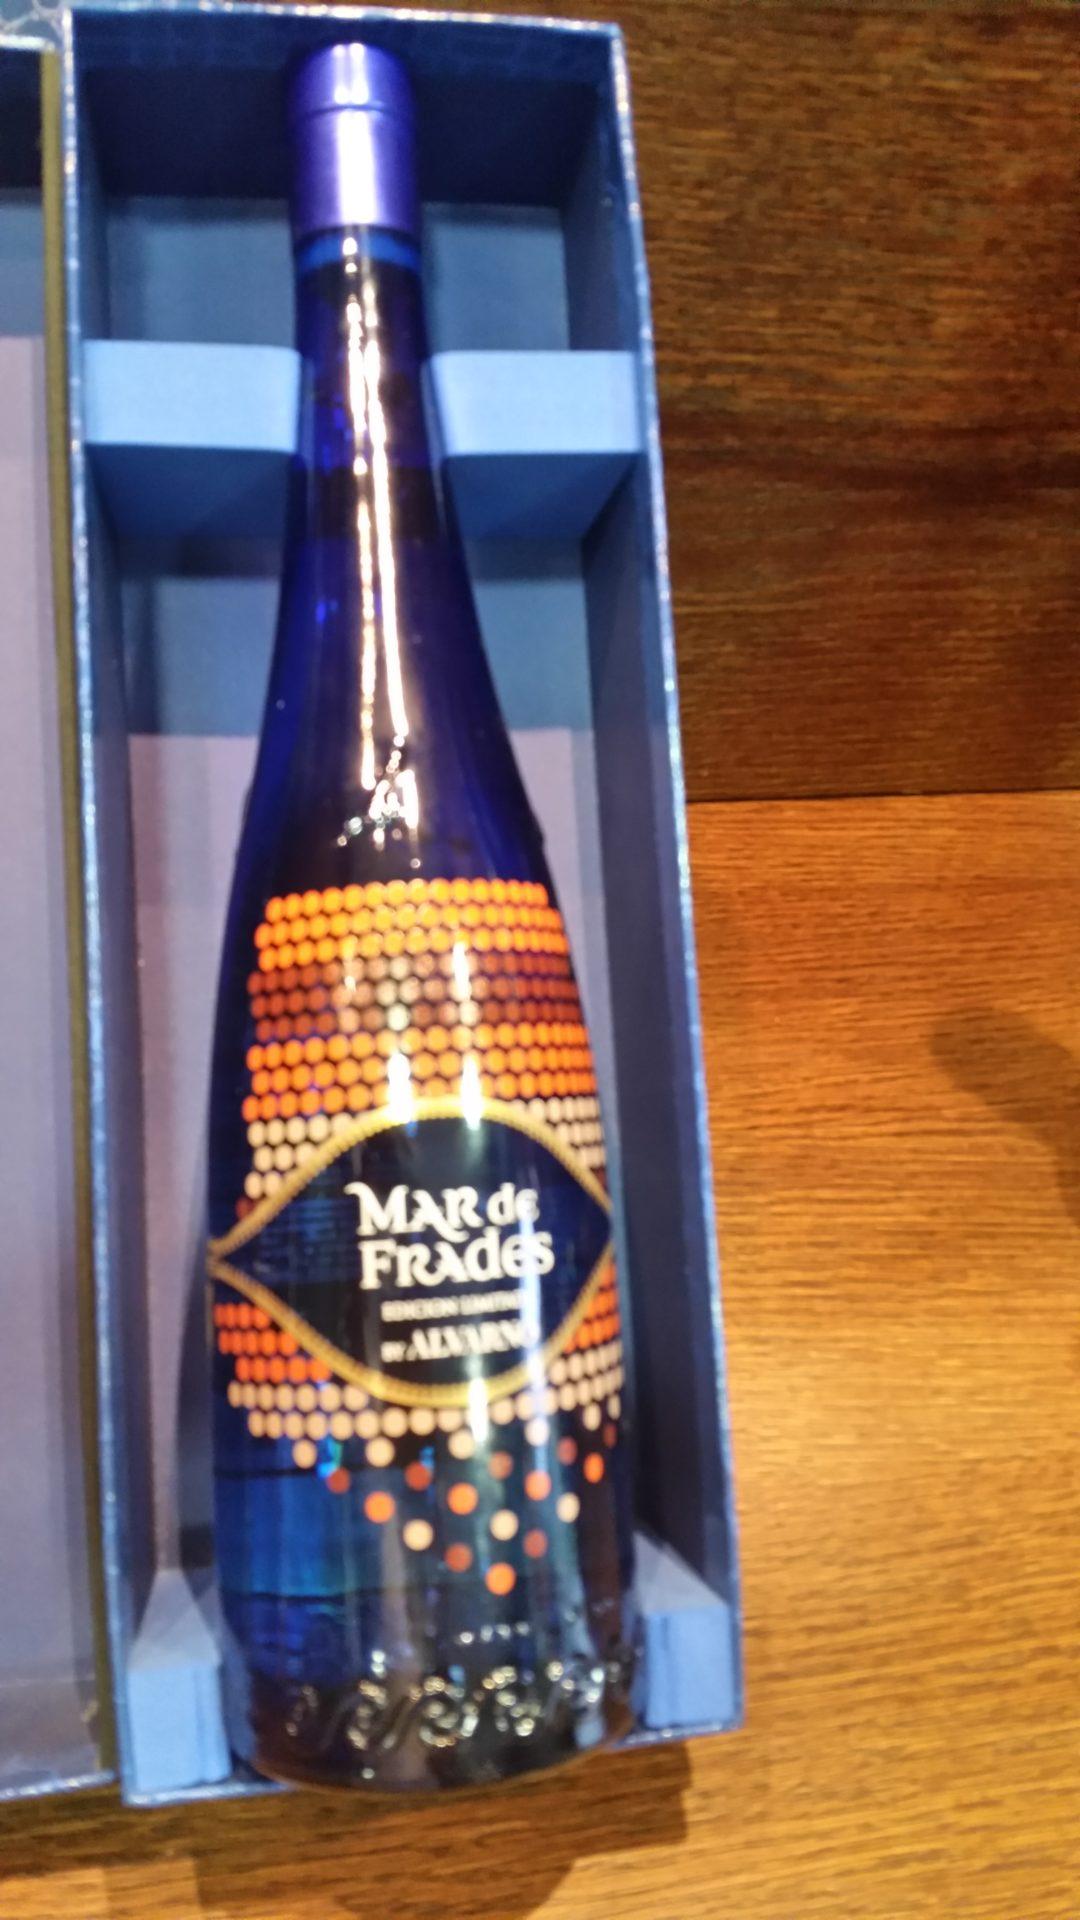 Визит и знакомство с продуктами винодельни Мар де Фрадес